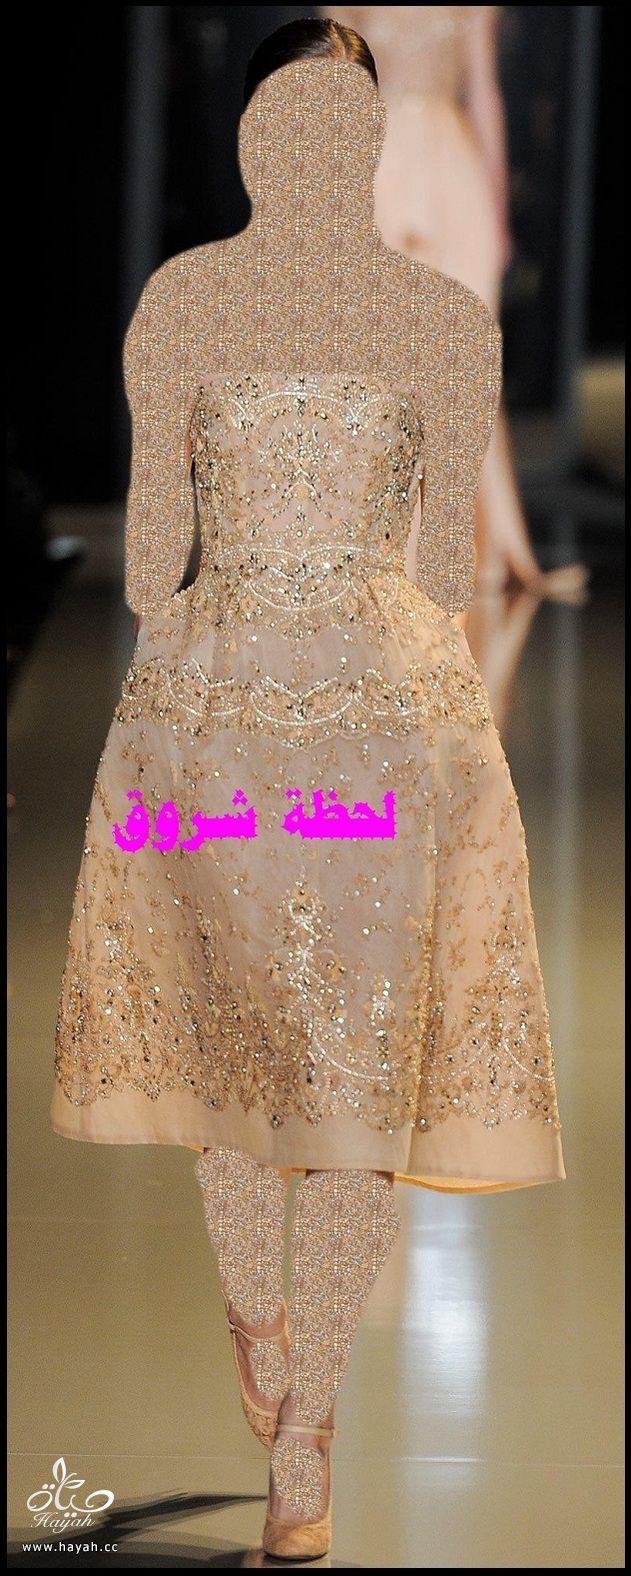 فساتين سهرة و سهرات مميزة جديدة Evening Dresses2013 hayahcc_1370028328_590.jpg